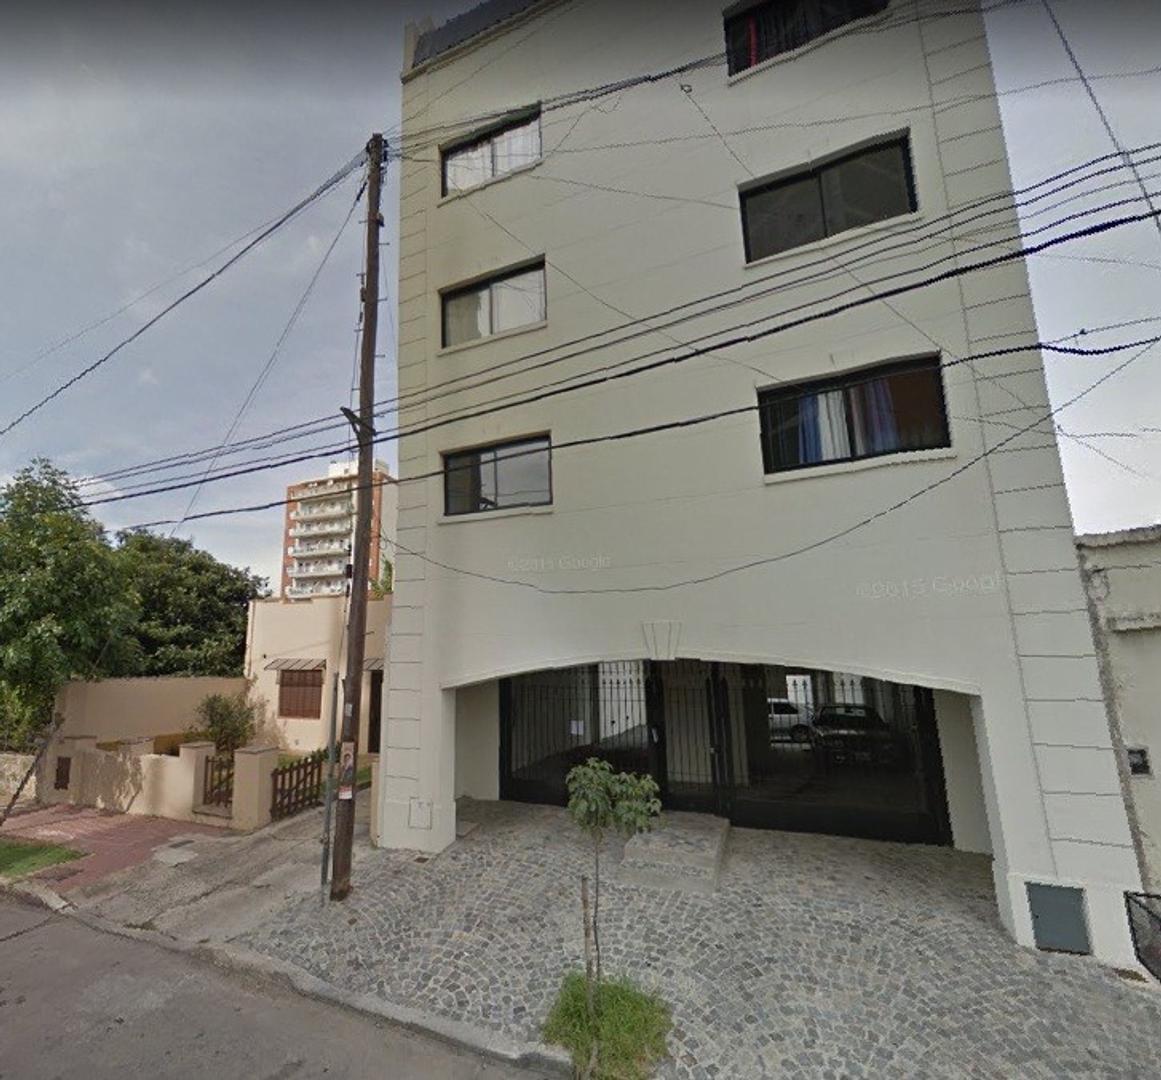 Depto. de 2 ambientes a ESTRENAR c/cochera - Sarmiento al 1000 e/Solis y Guido, Quilmes Este.